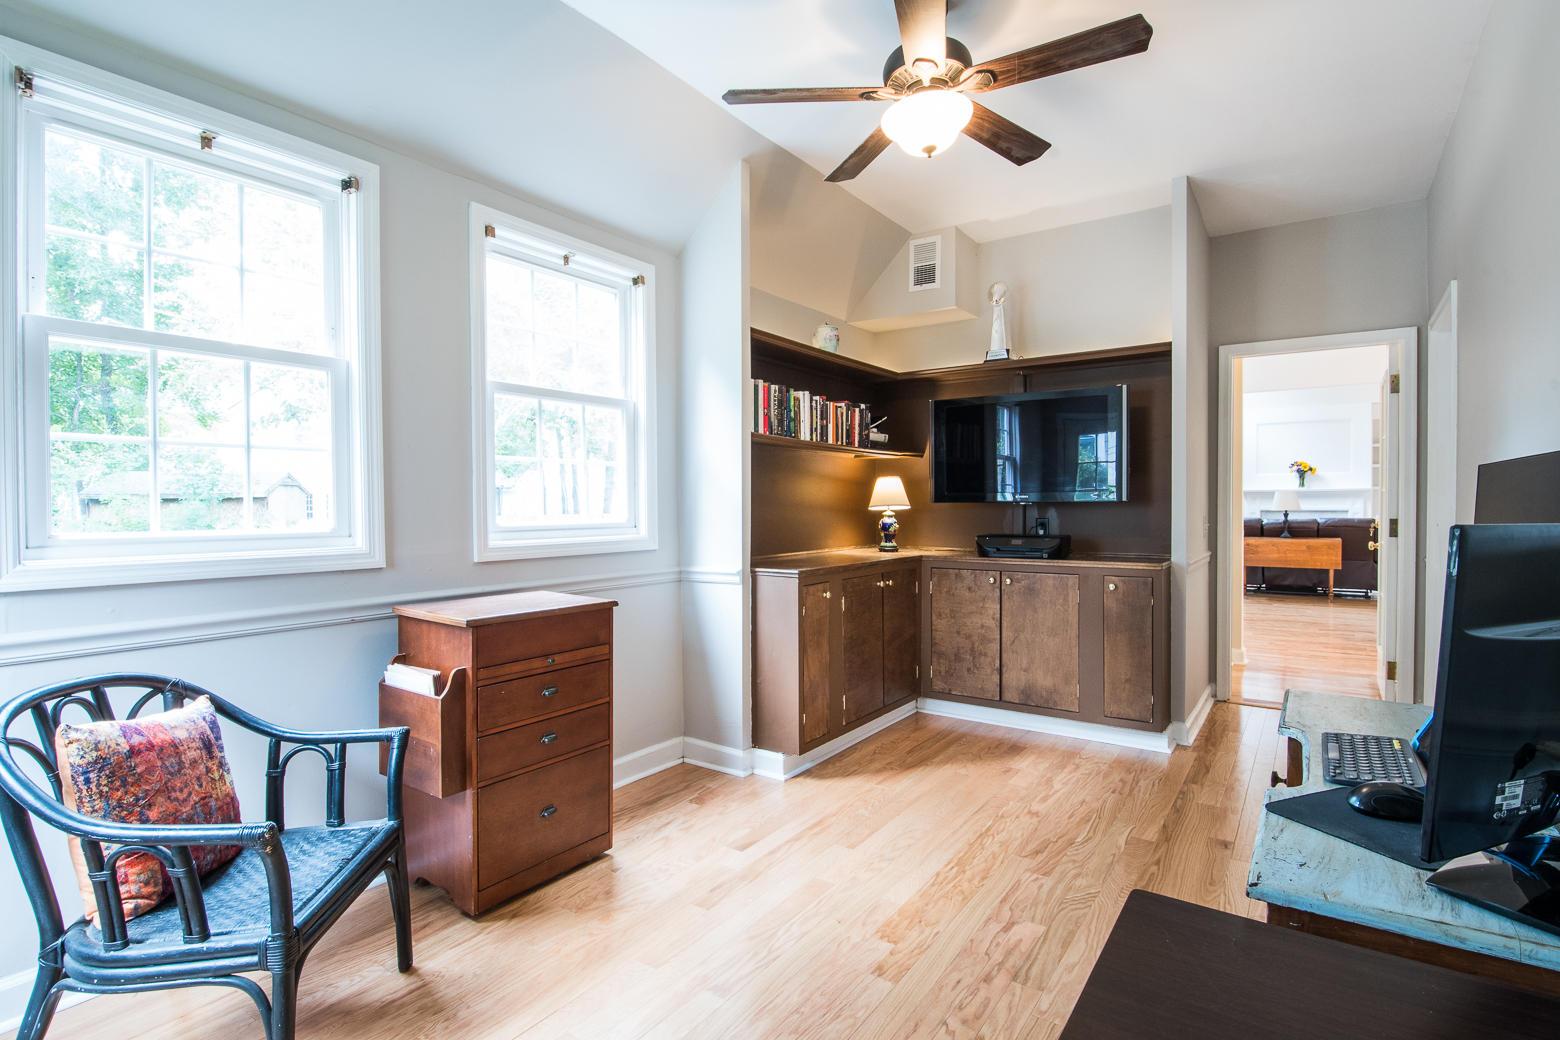 Dunes West Homes For Sale - 1111 Black Rush, Mount Pleasant, SC - 22